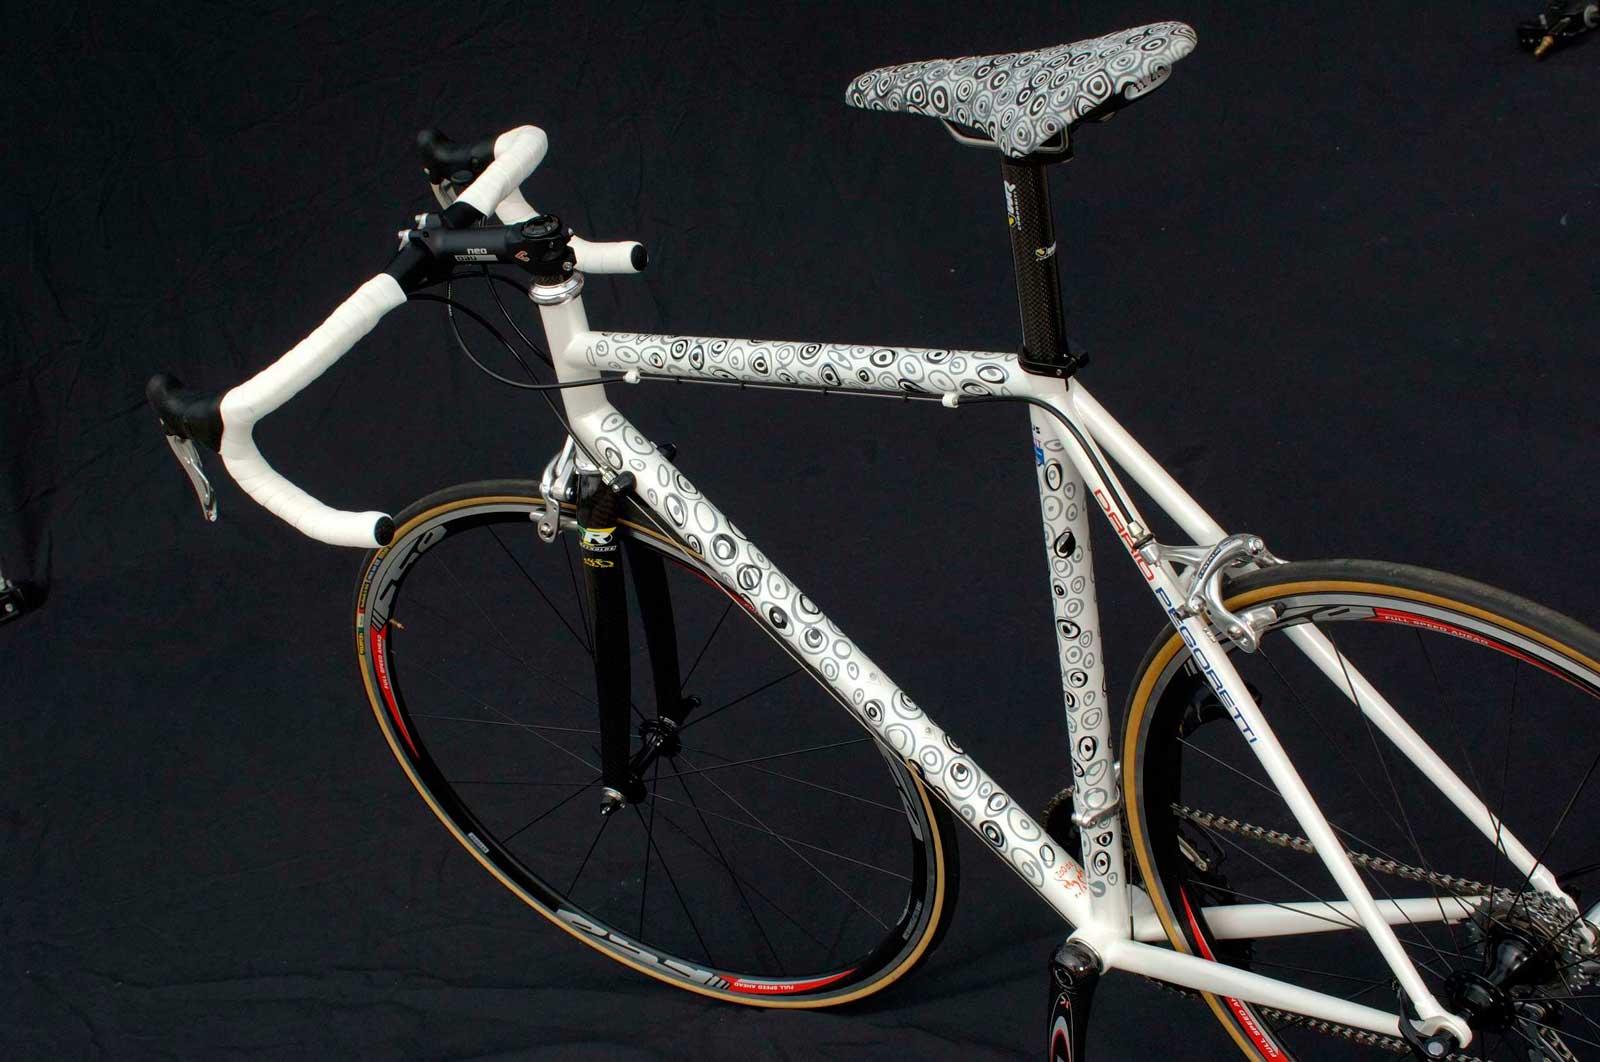 Dario Pegoretti S Inspired Bike Designs Are Works Of Art